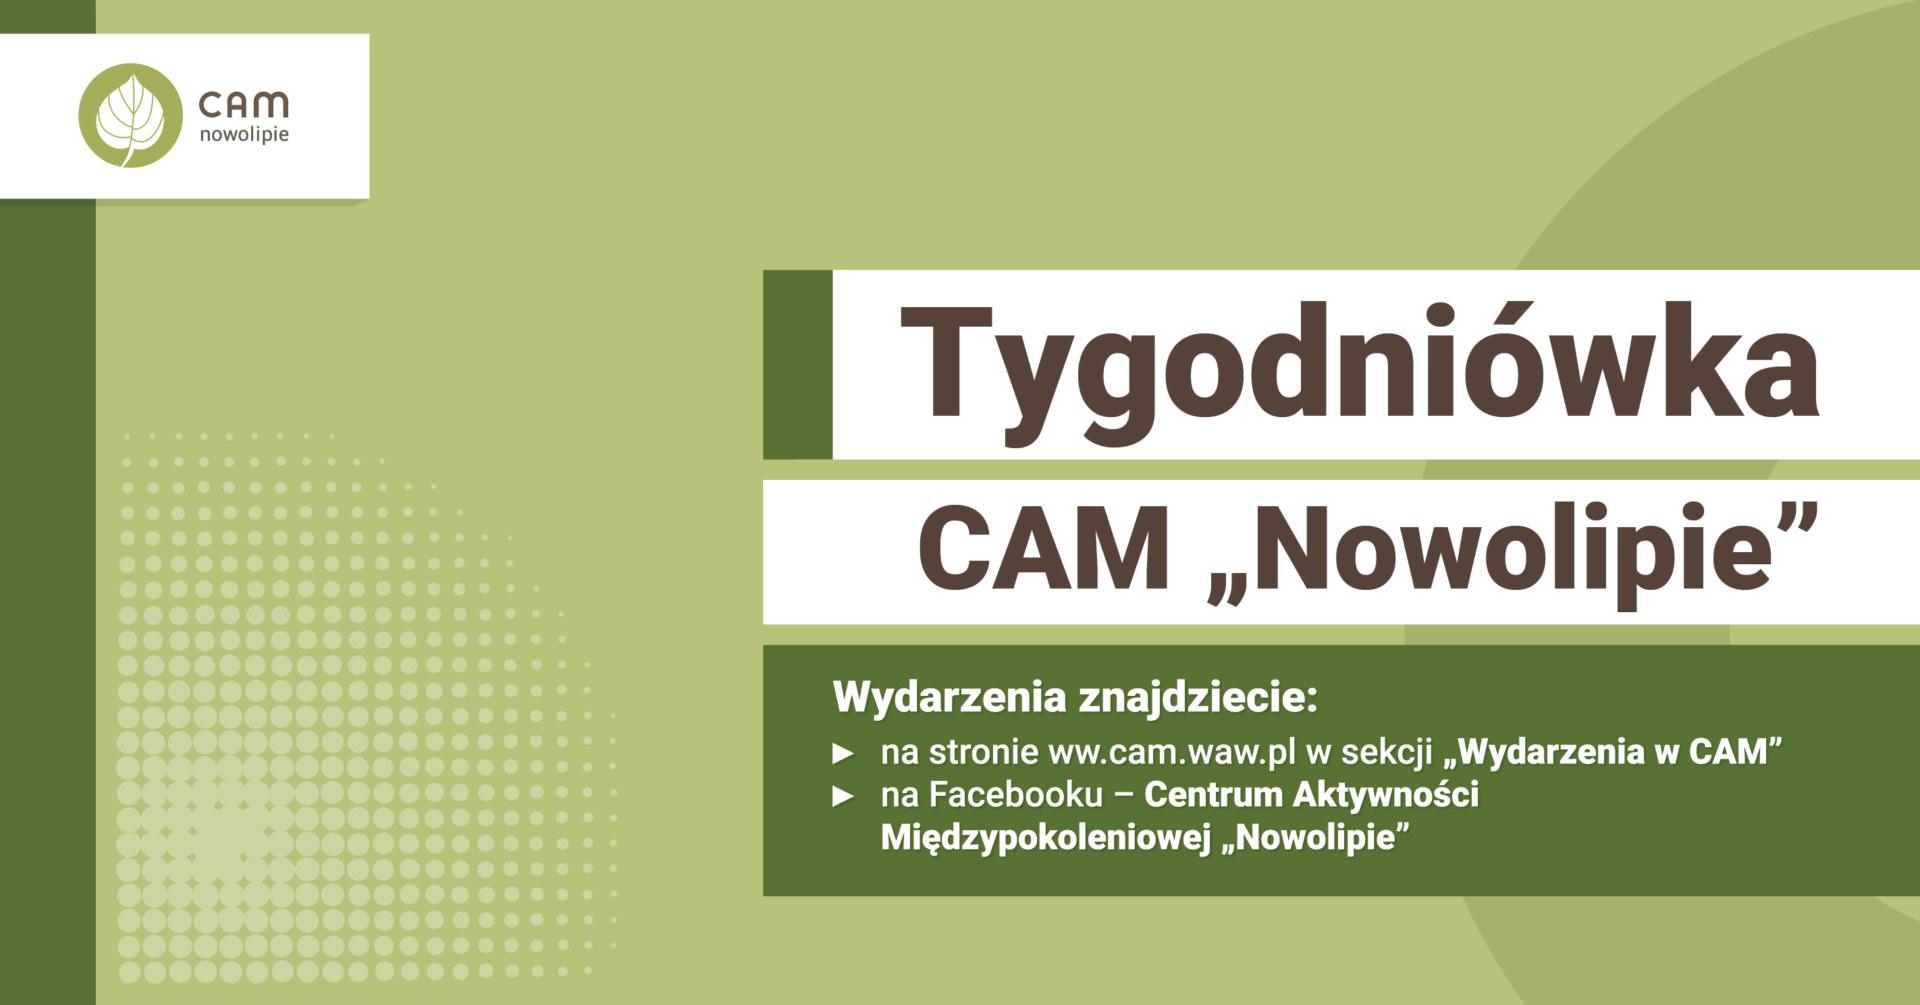 Na zielonym tle napis: Tygodniówka Centrum Aktywności Międzypokoleniowej Nowolipie, oraz poniżej na ciemniejszym tle: Wydarzenia znajdziecie na stronie cam.waw.pl i na facebooku.